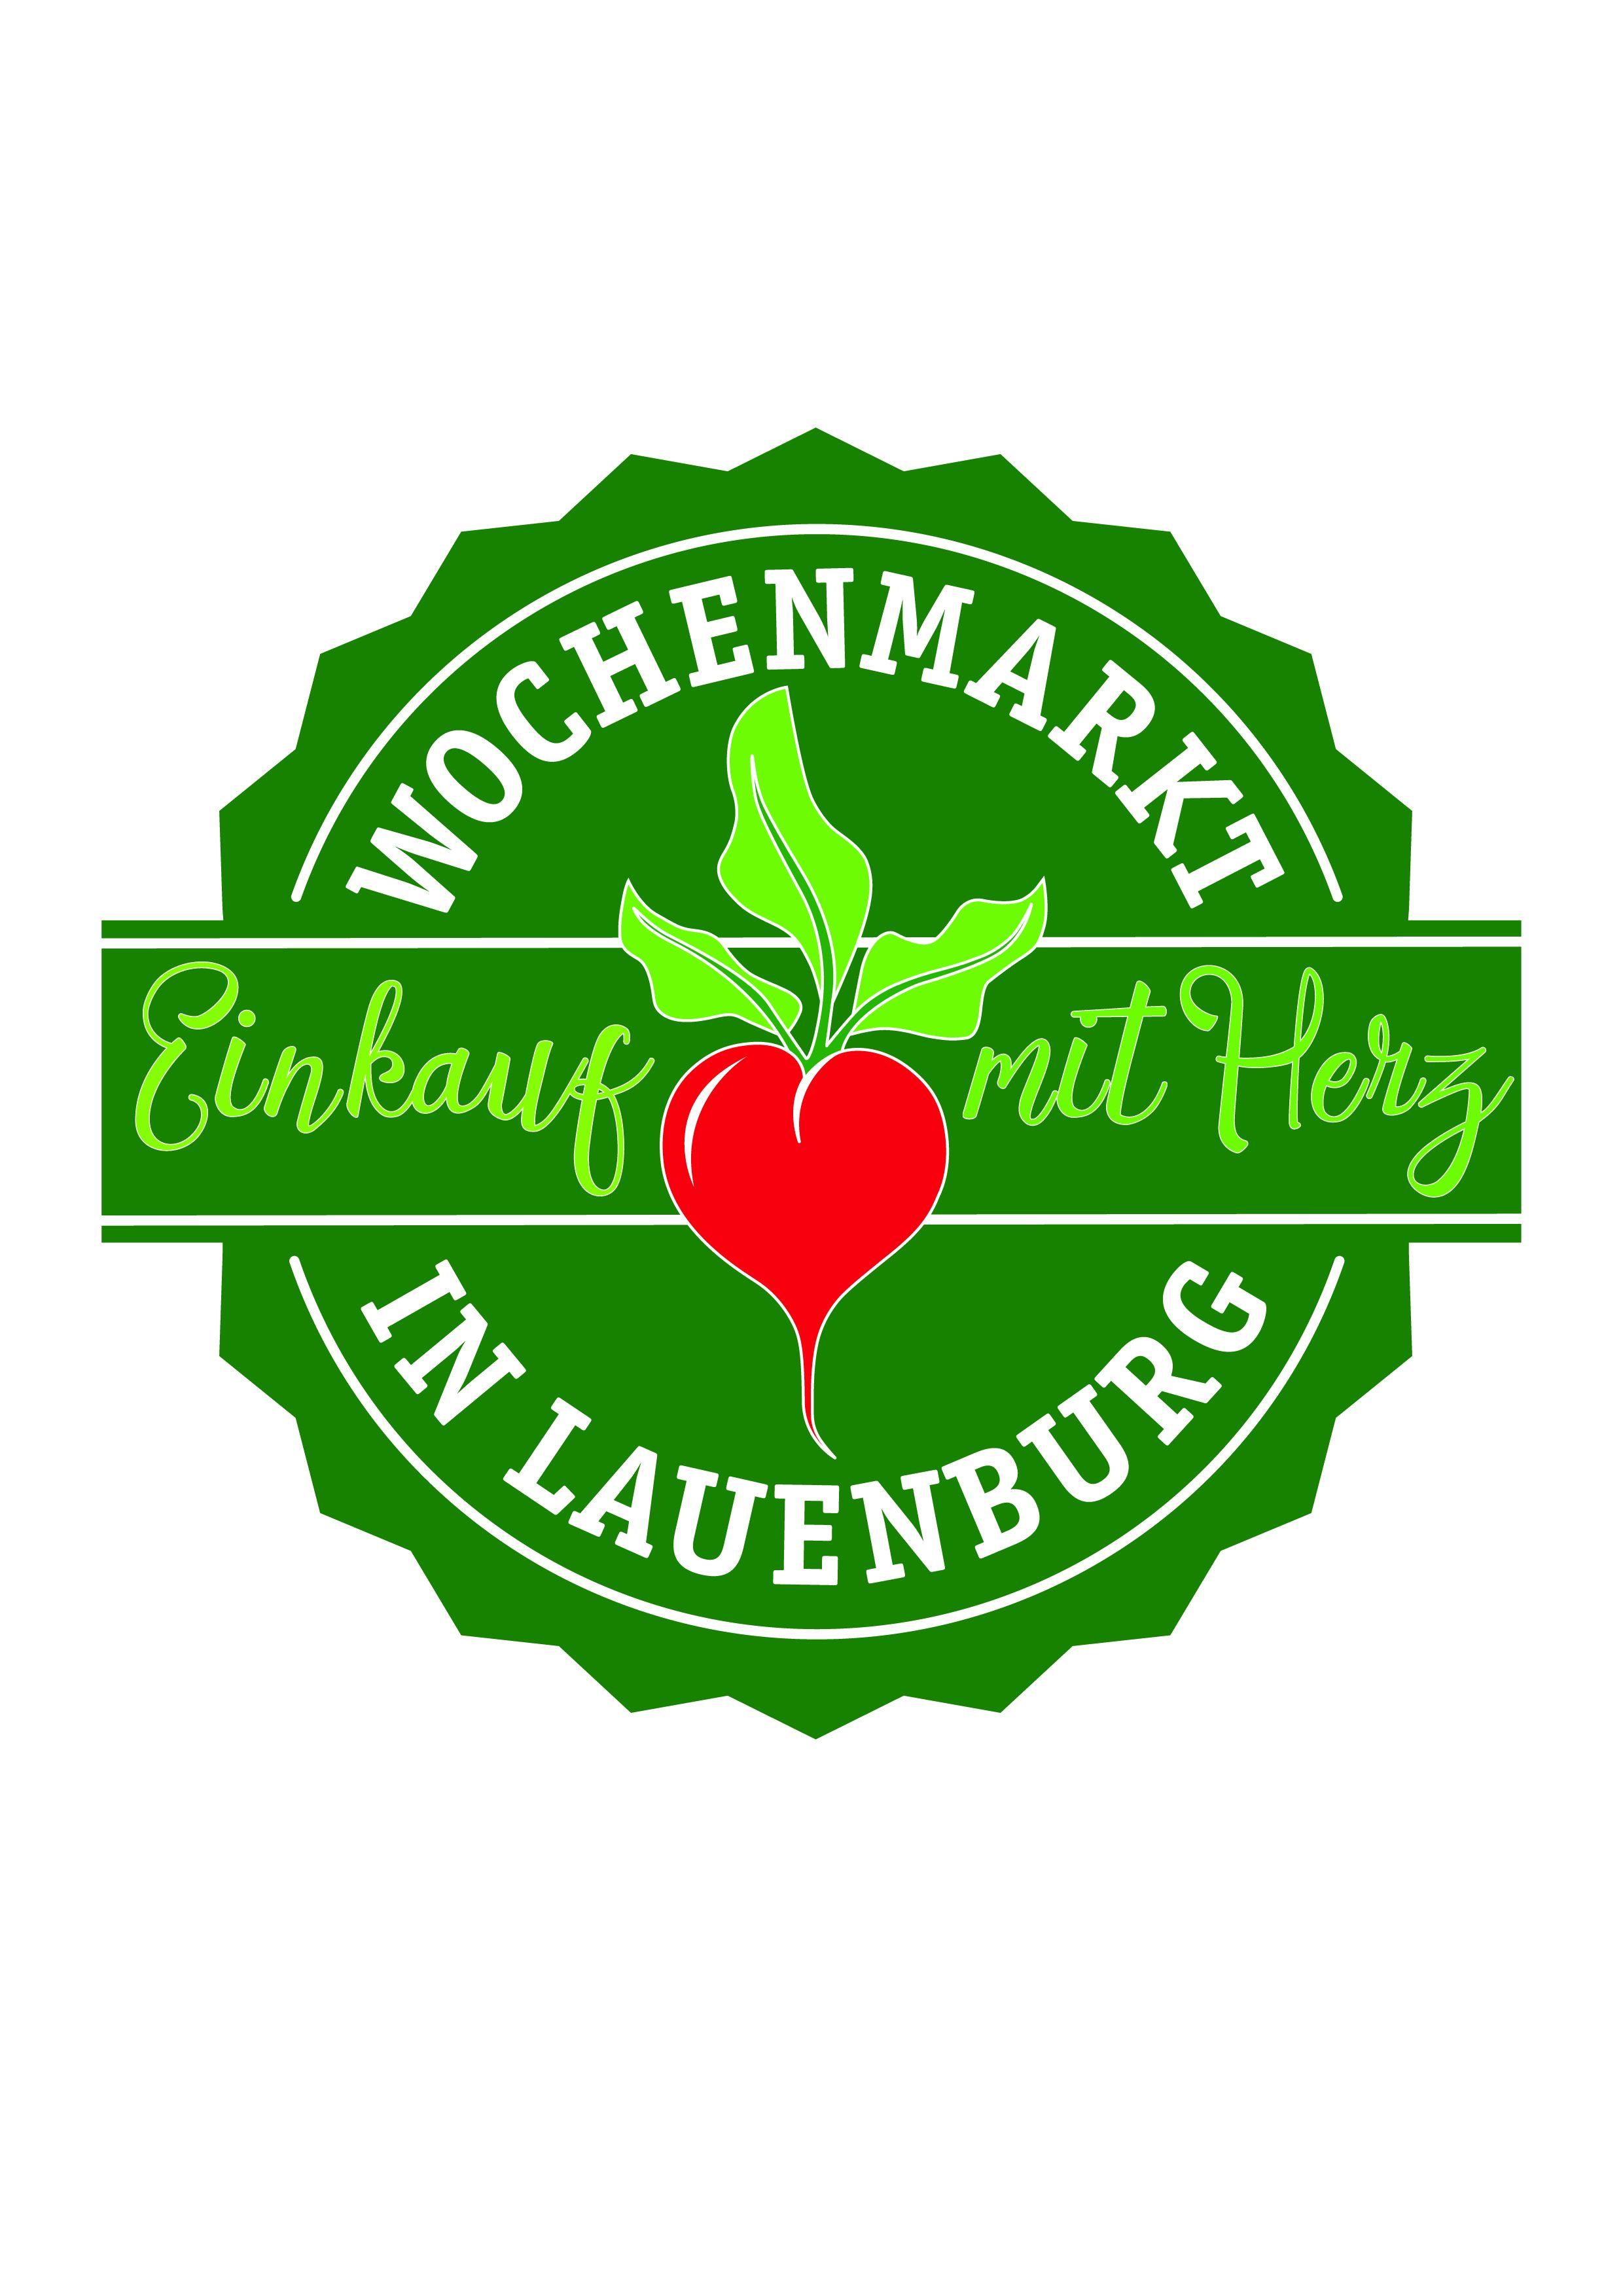 Der Wochenmarkt in Lauenburg/Elbe